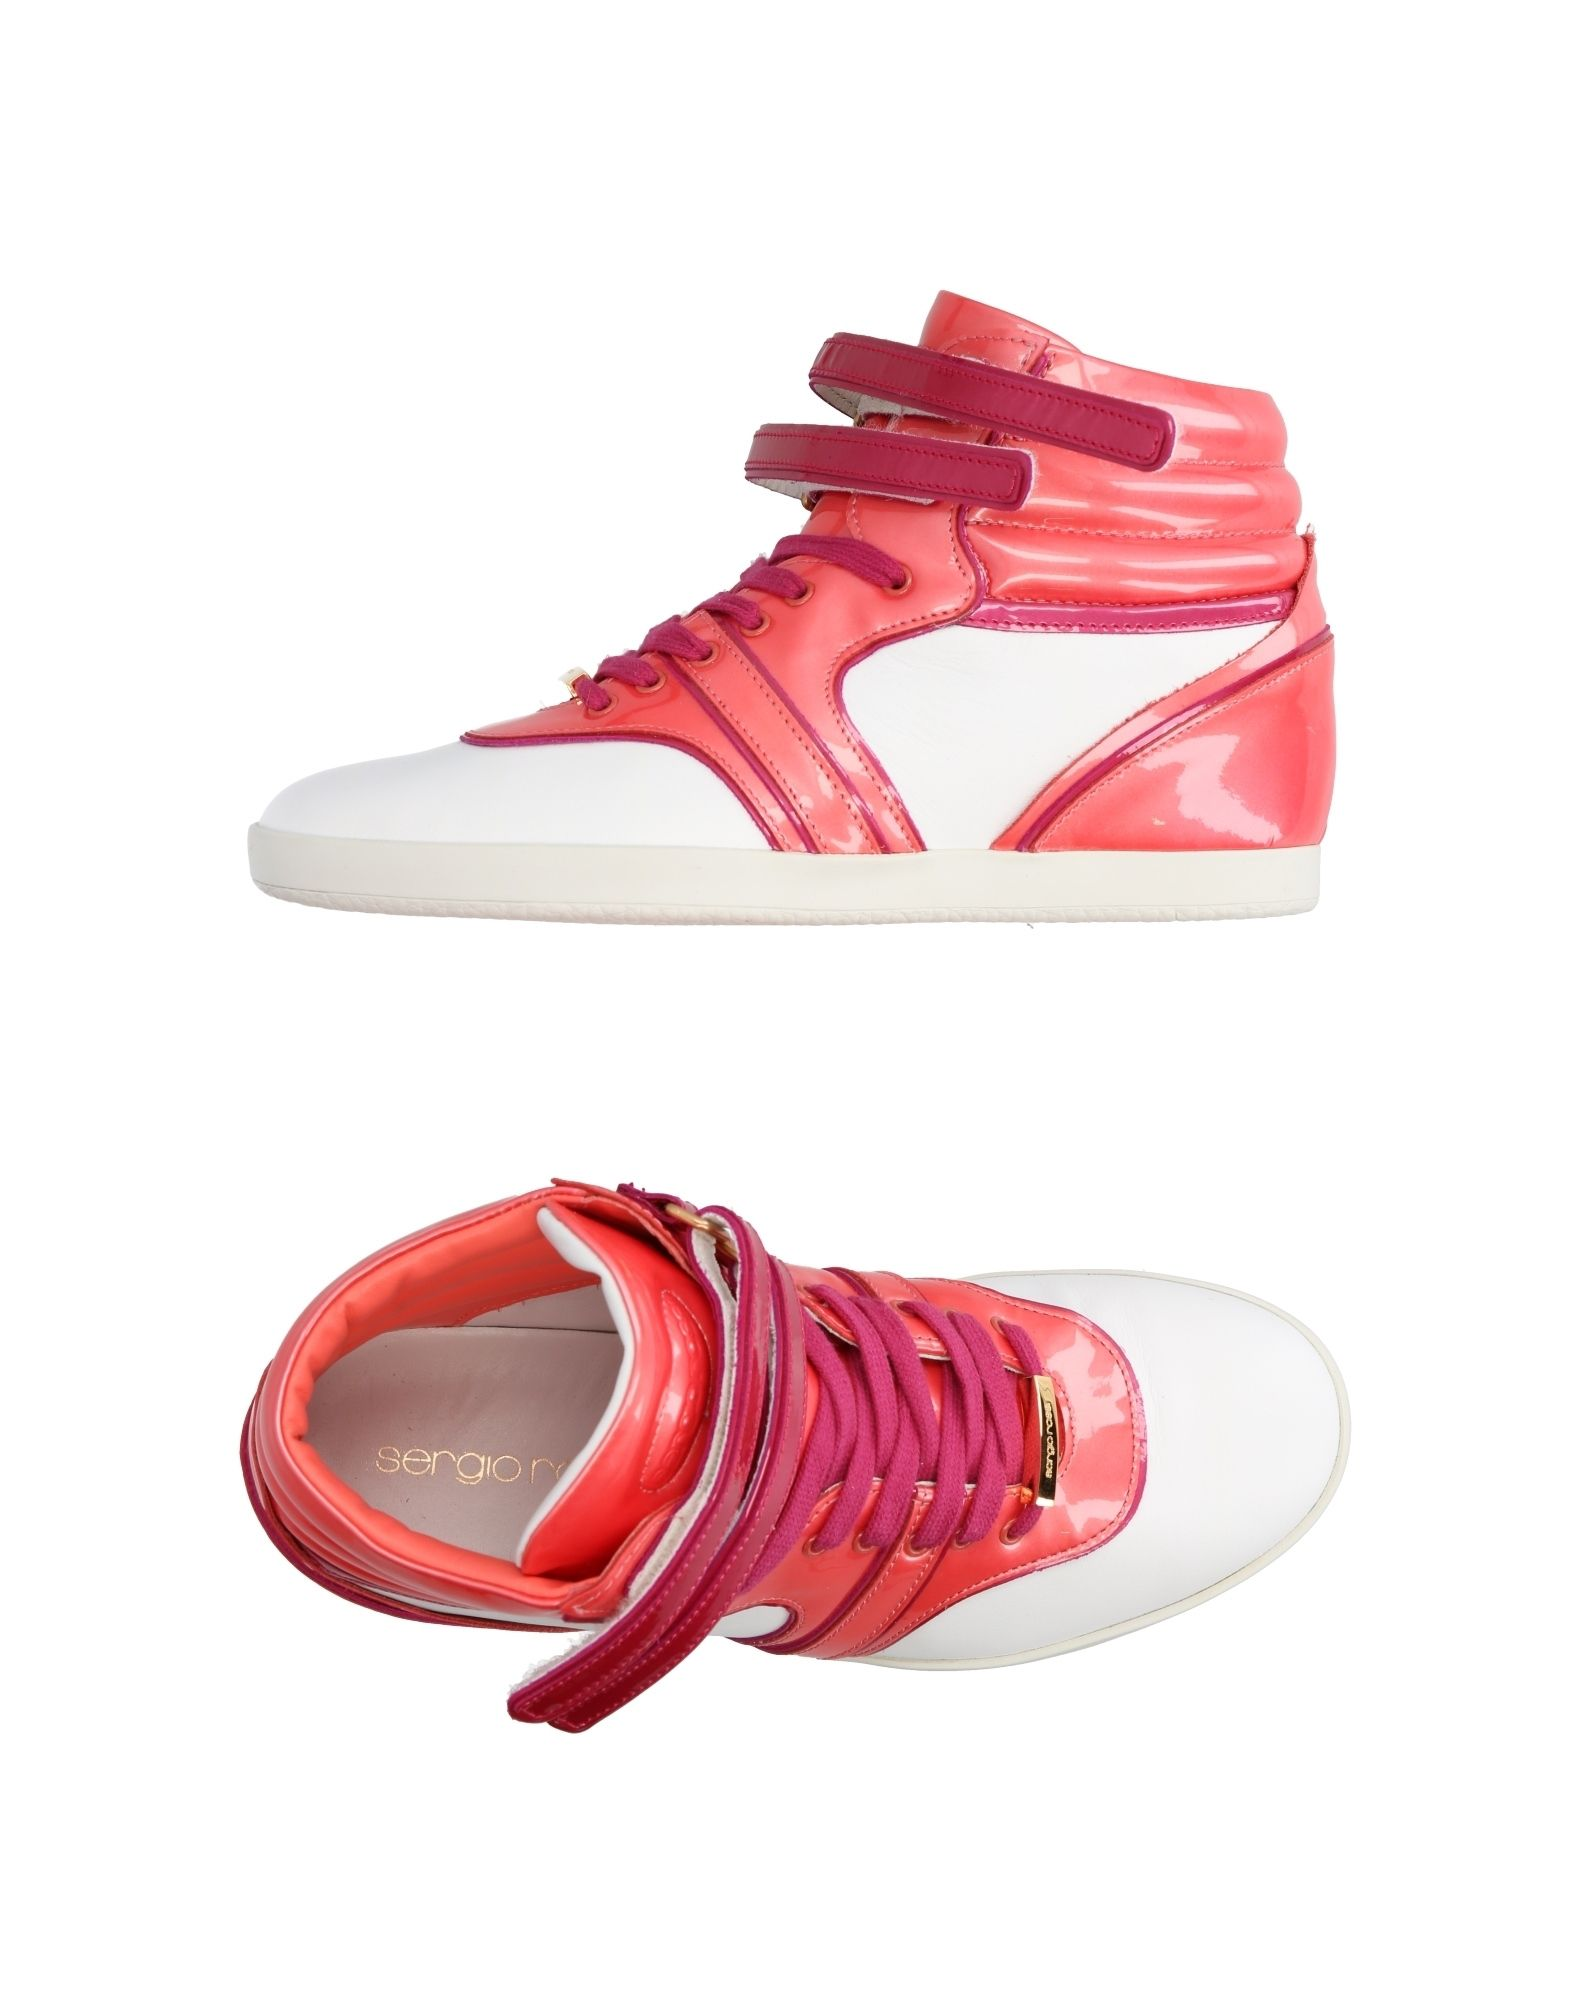 Gut um billige Schuhe zu  tragenSergio Rossi Sneakers Damen  zu 11284777QJ 91cd5a